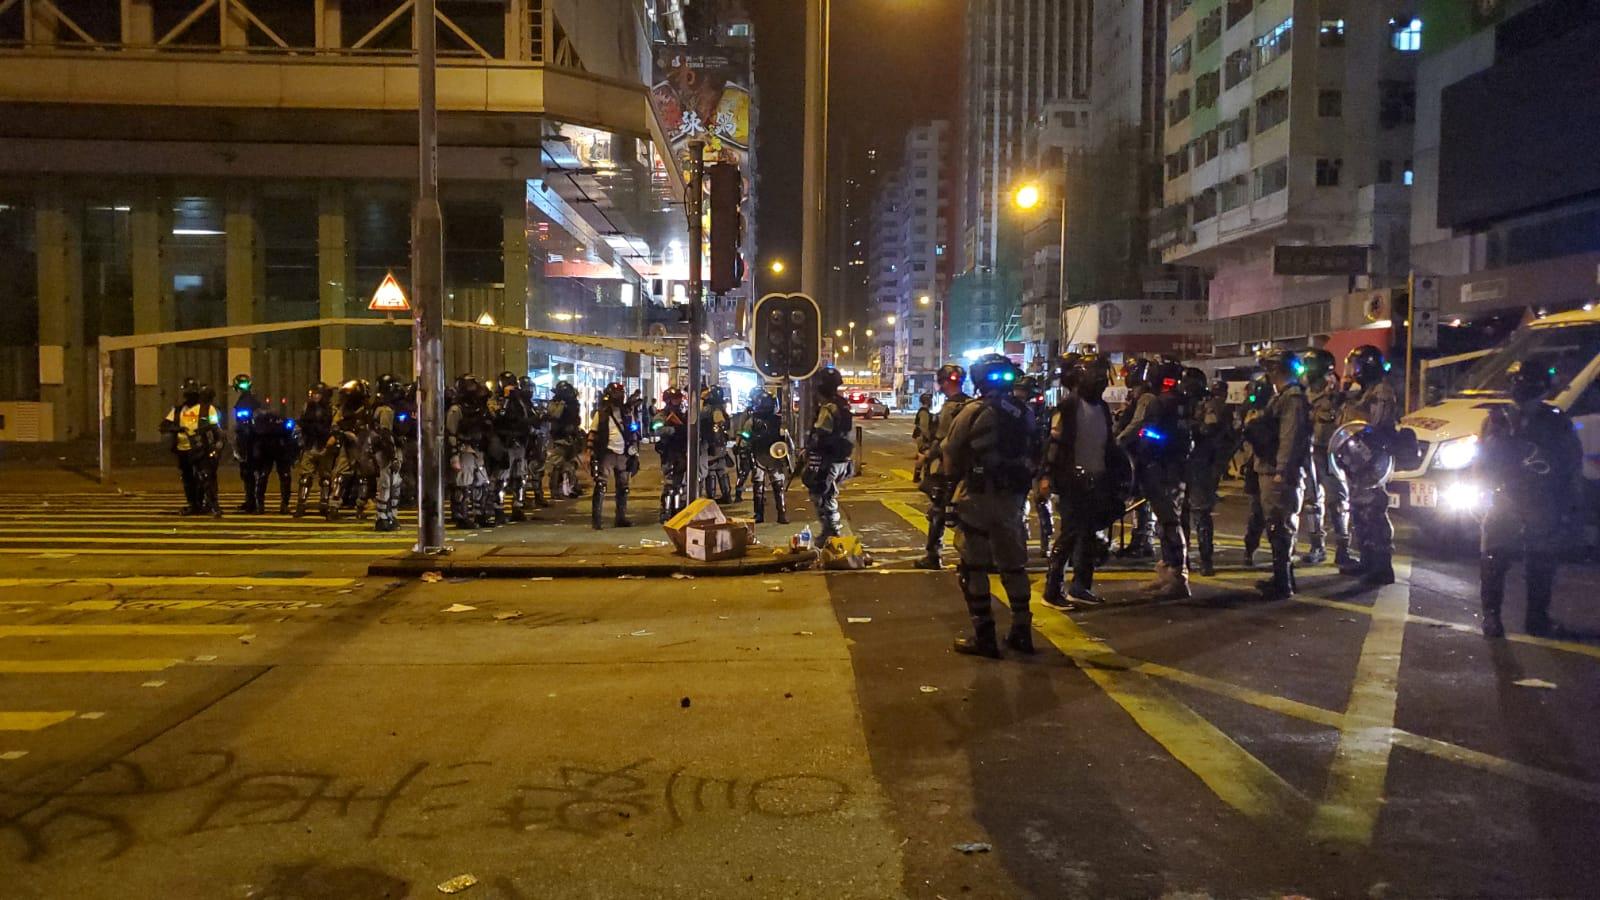 防暴警待聚集的示威者散去後收隊離場。